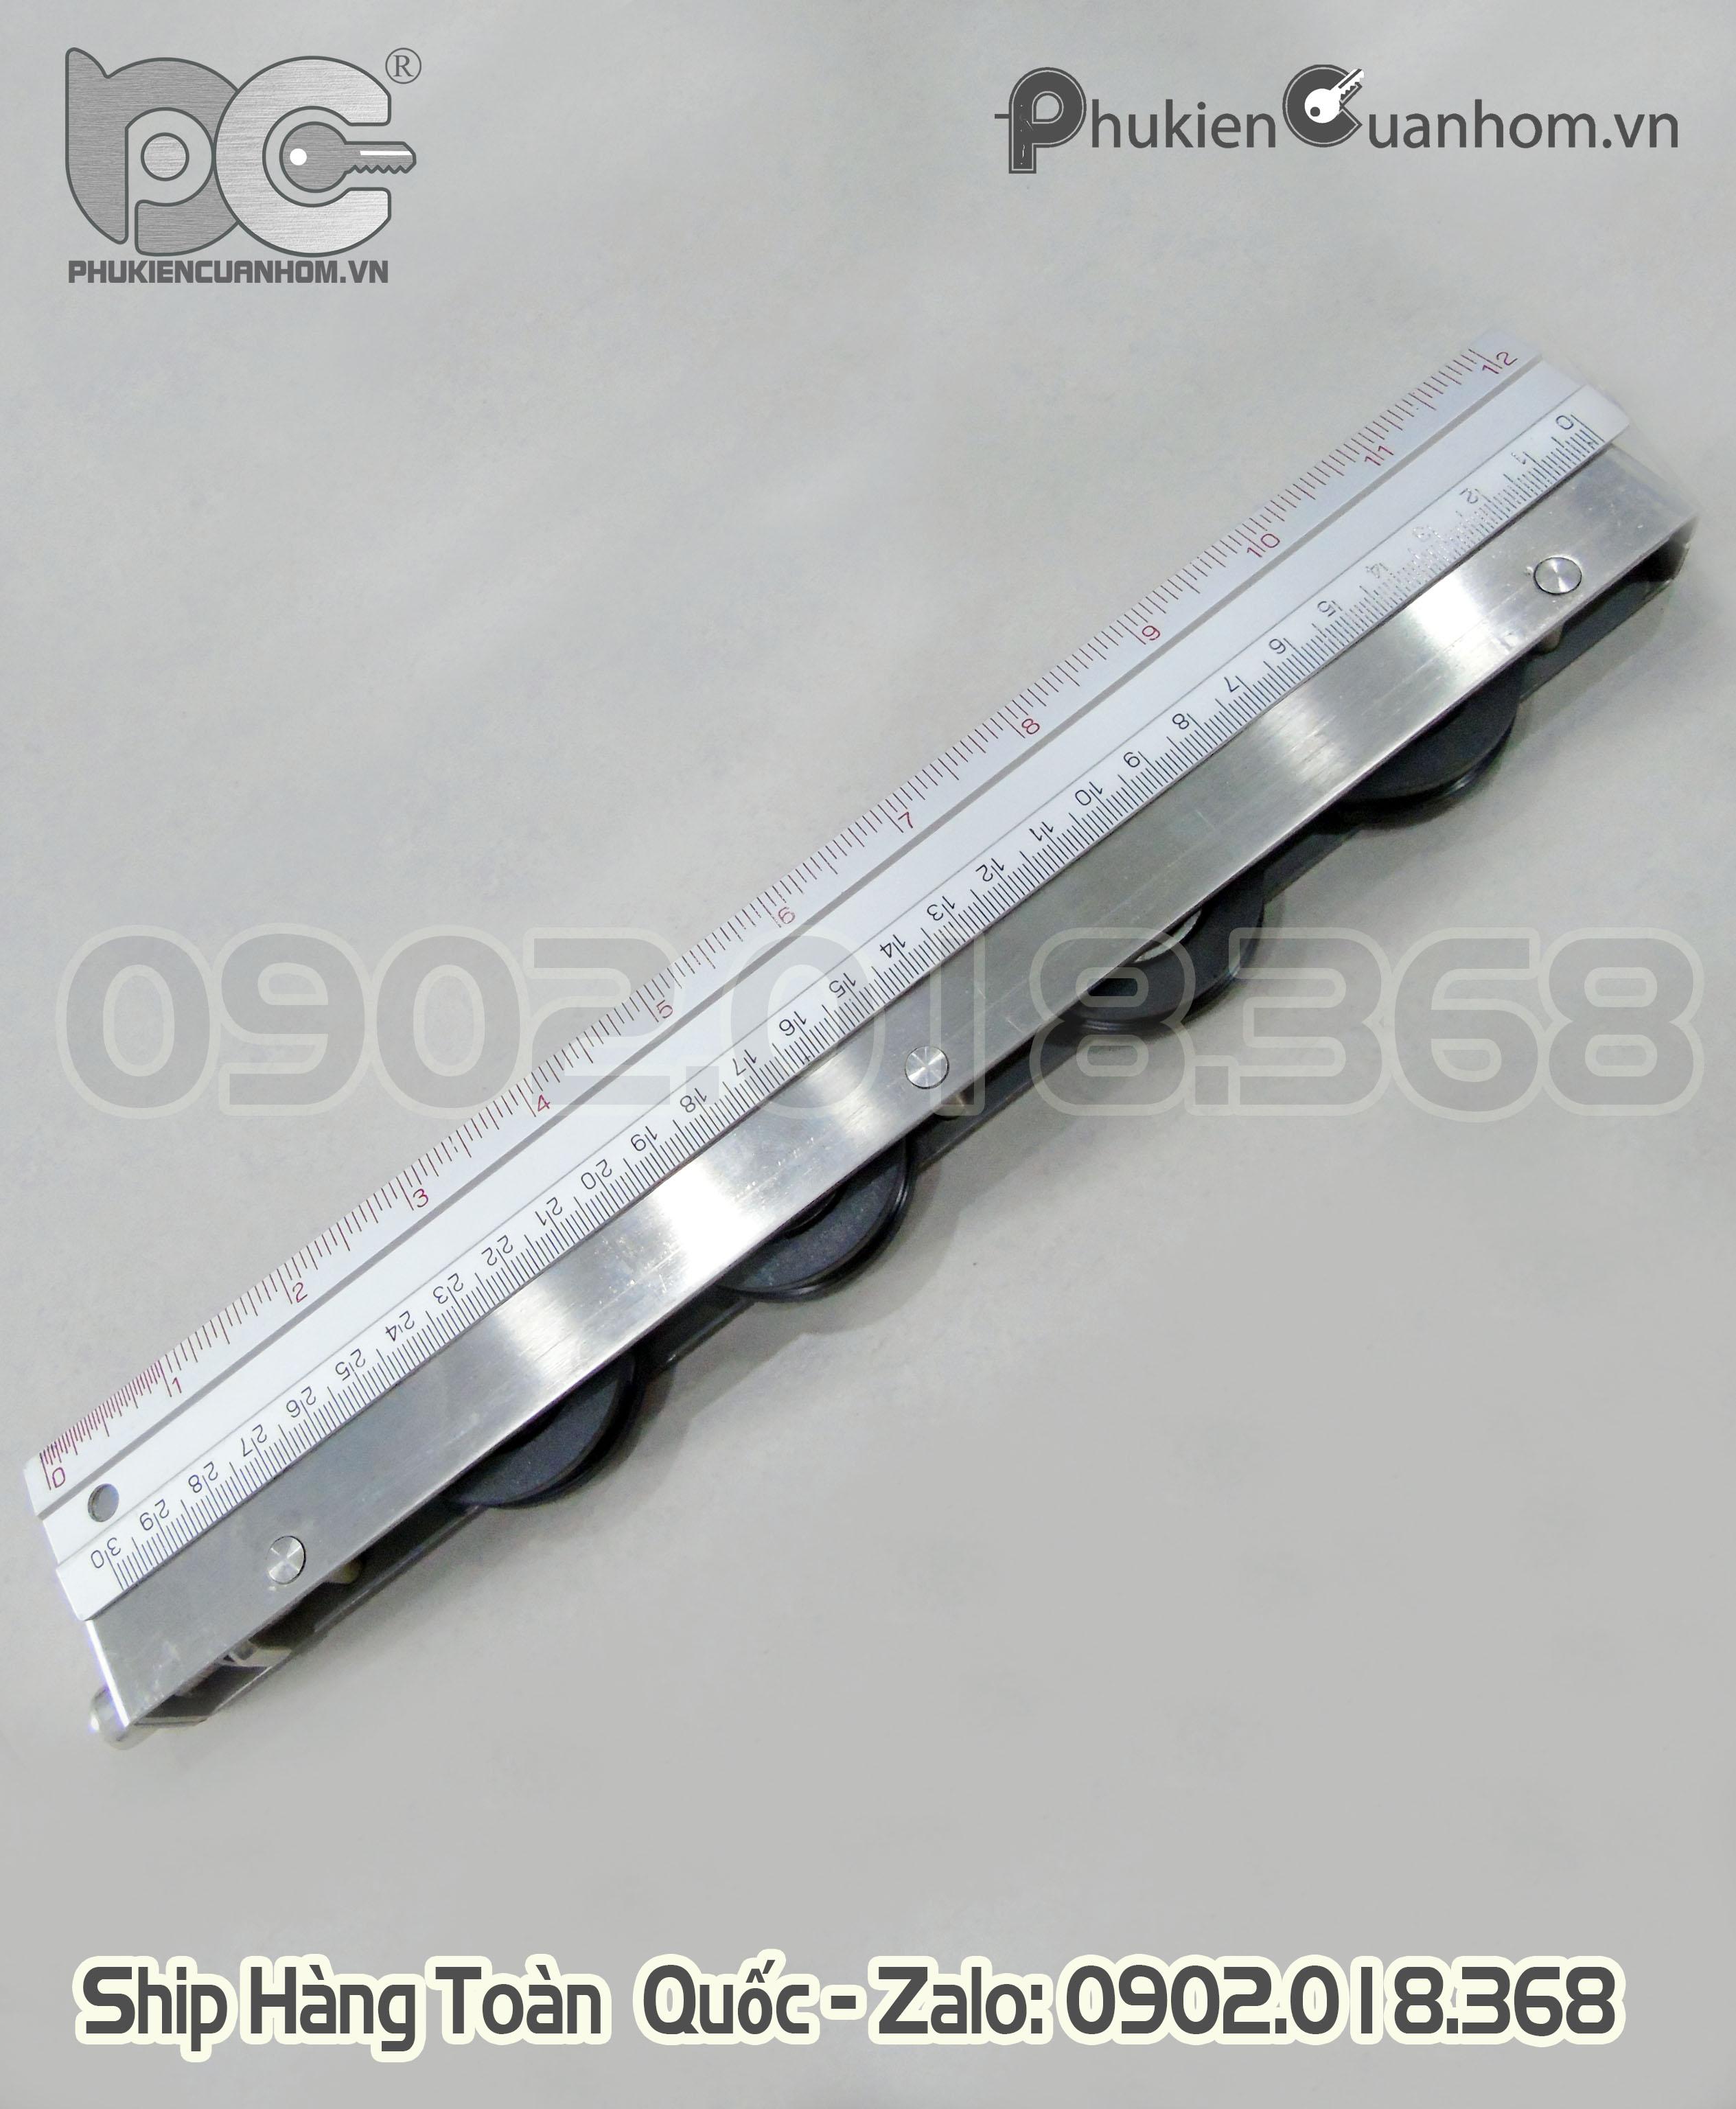 Bánh xe cửa đi lùa chịu lực lớn dài 300mm